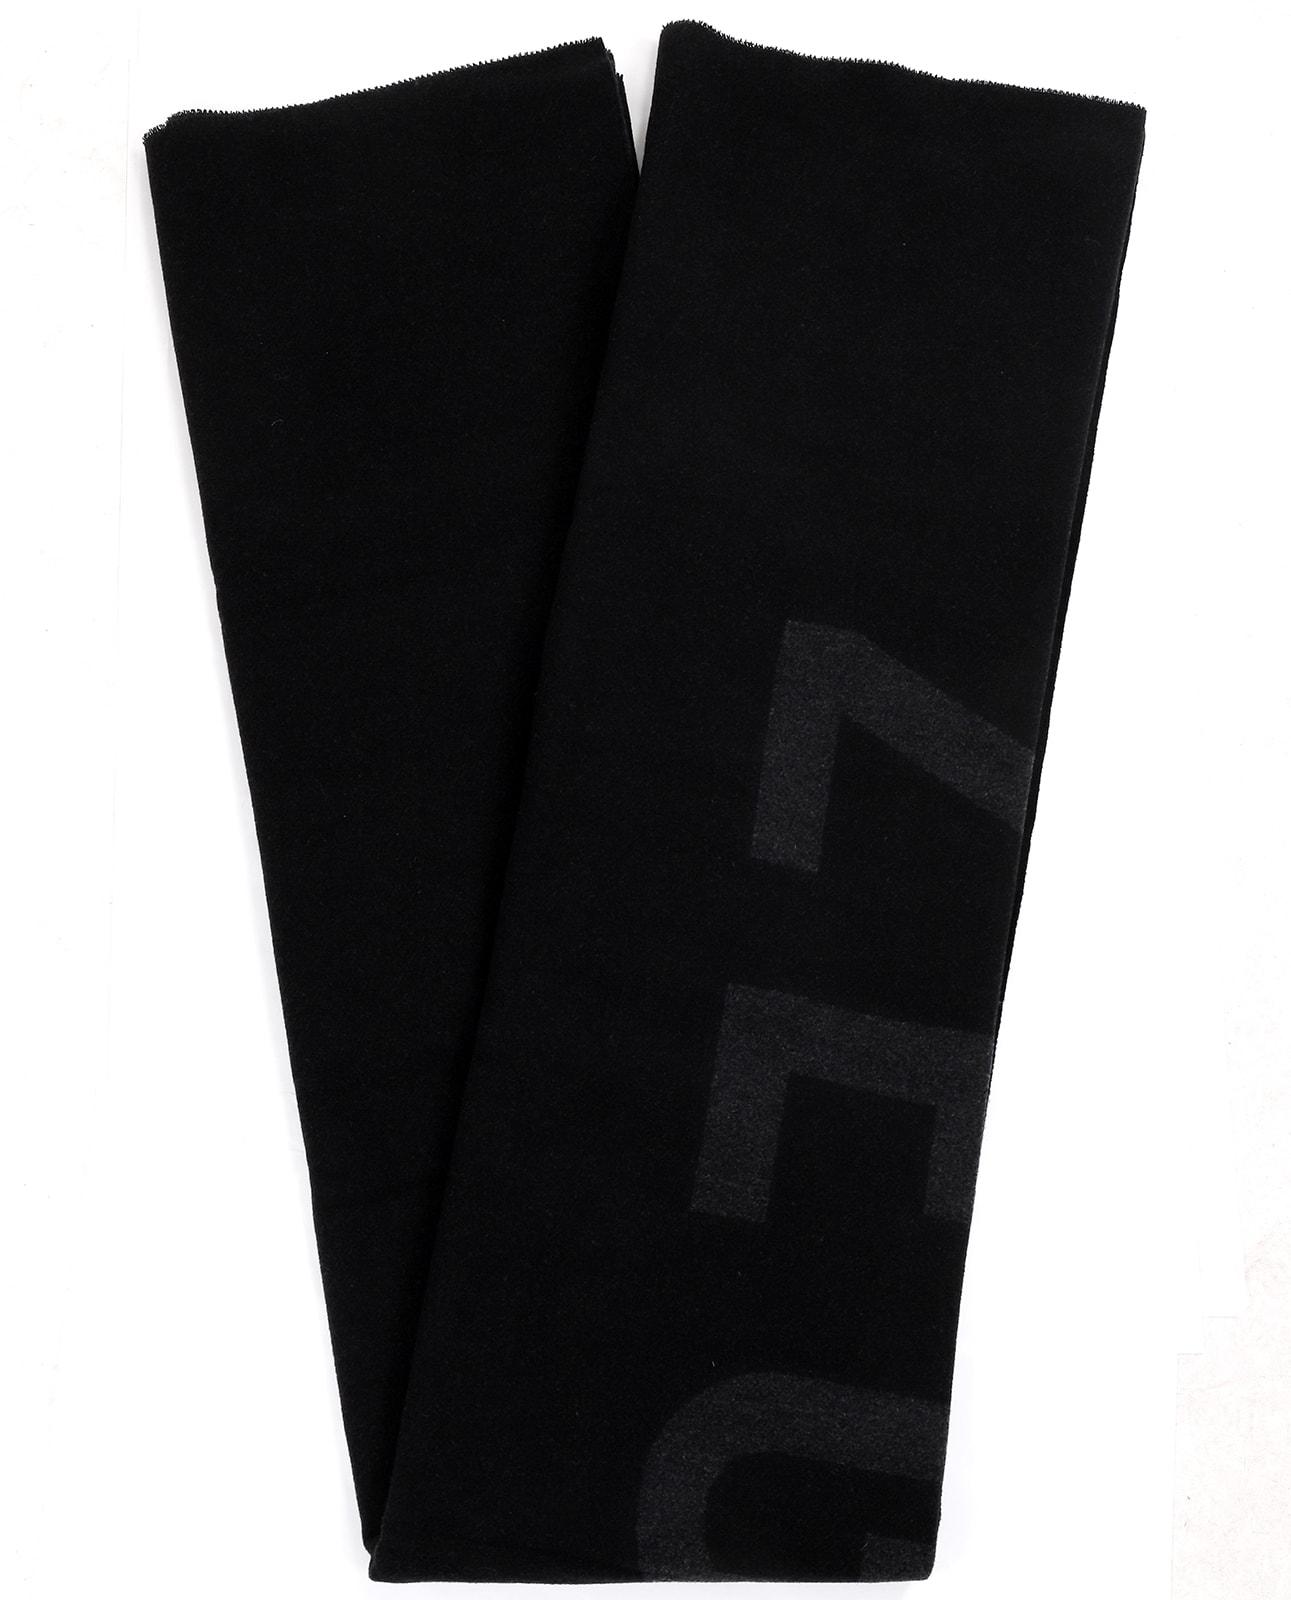 Fear Of God For Zegna Black Logo Blanket Scarf